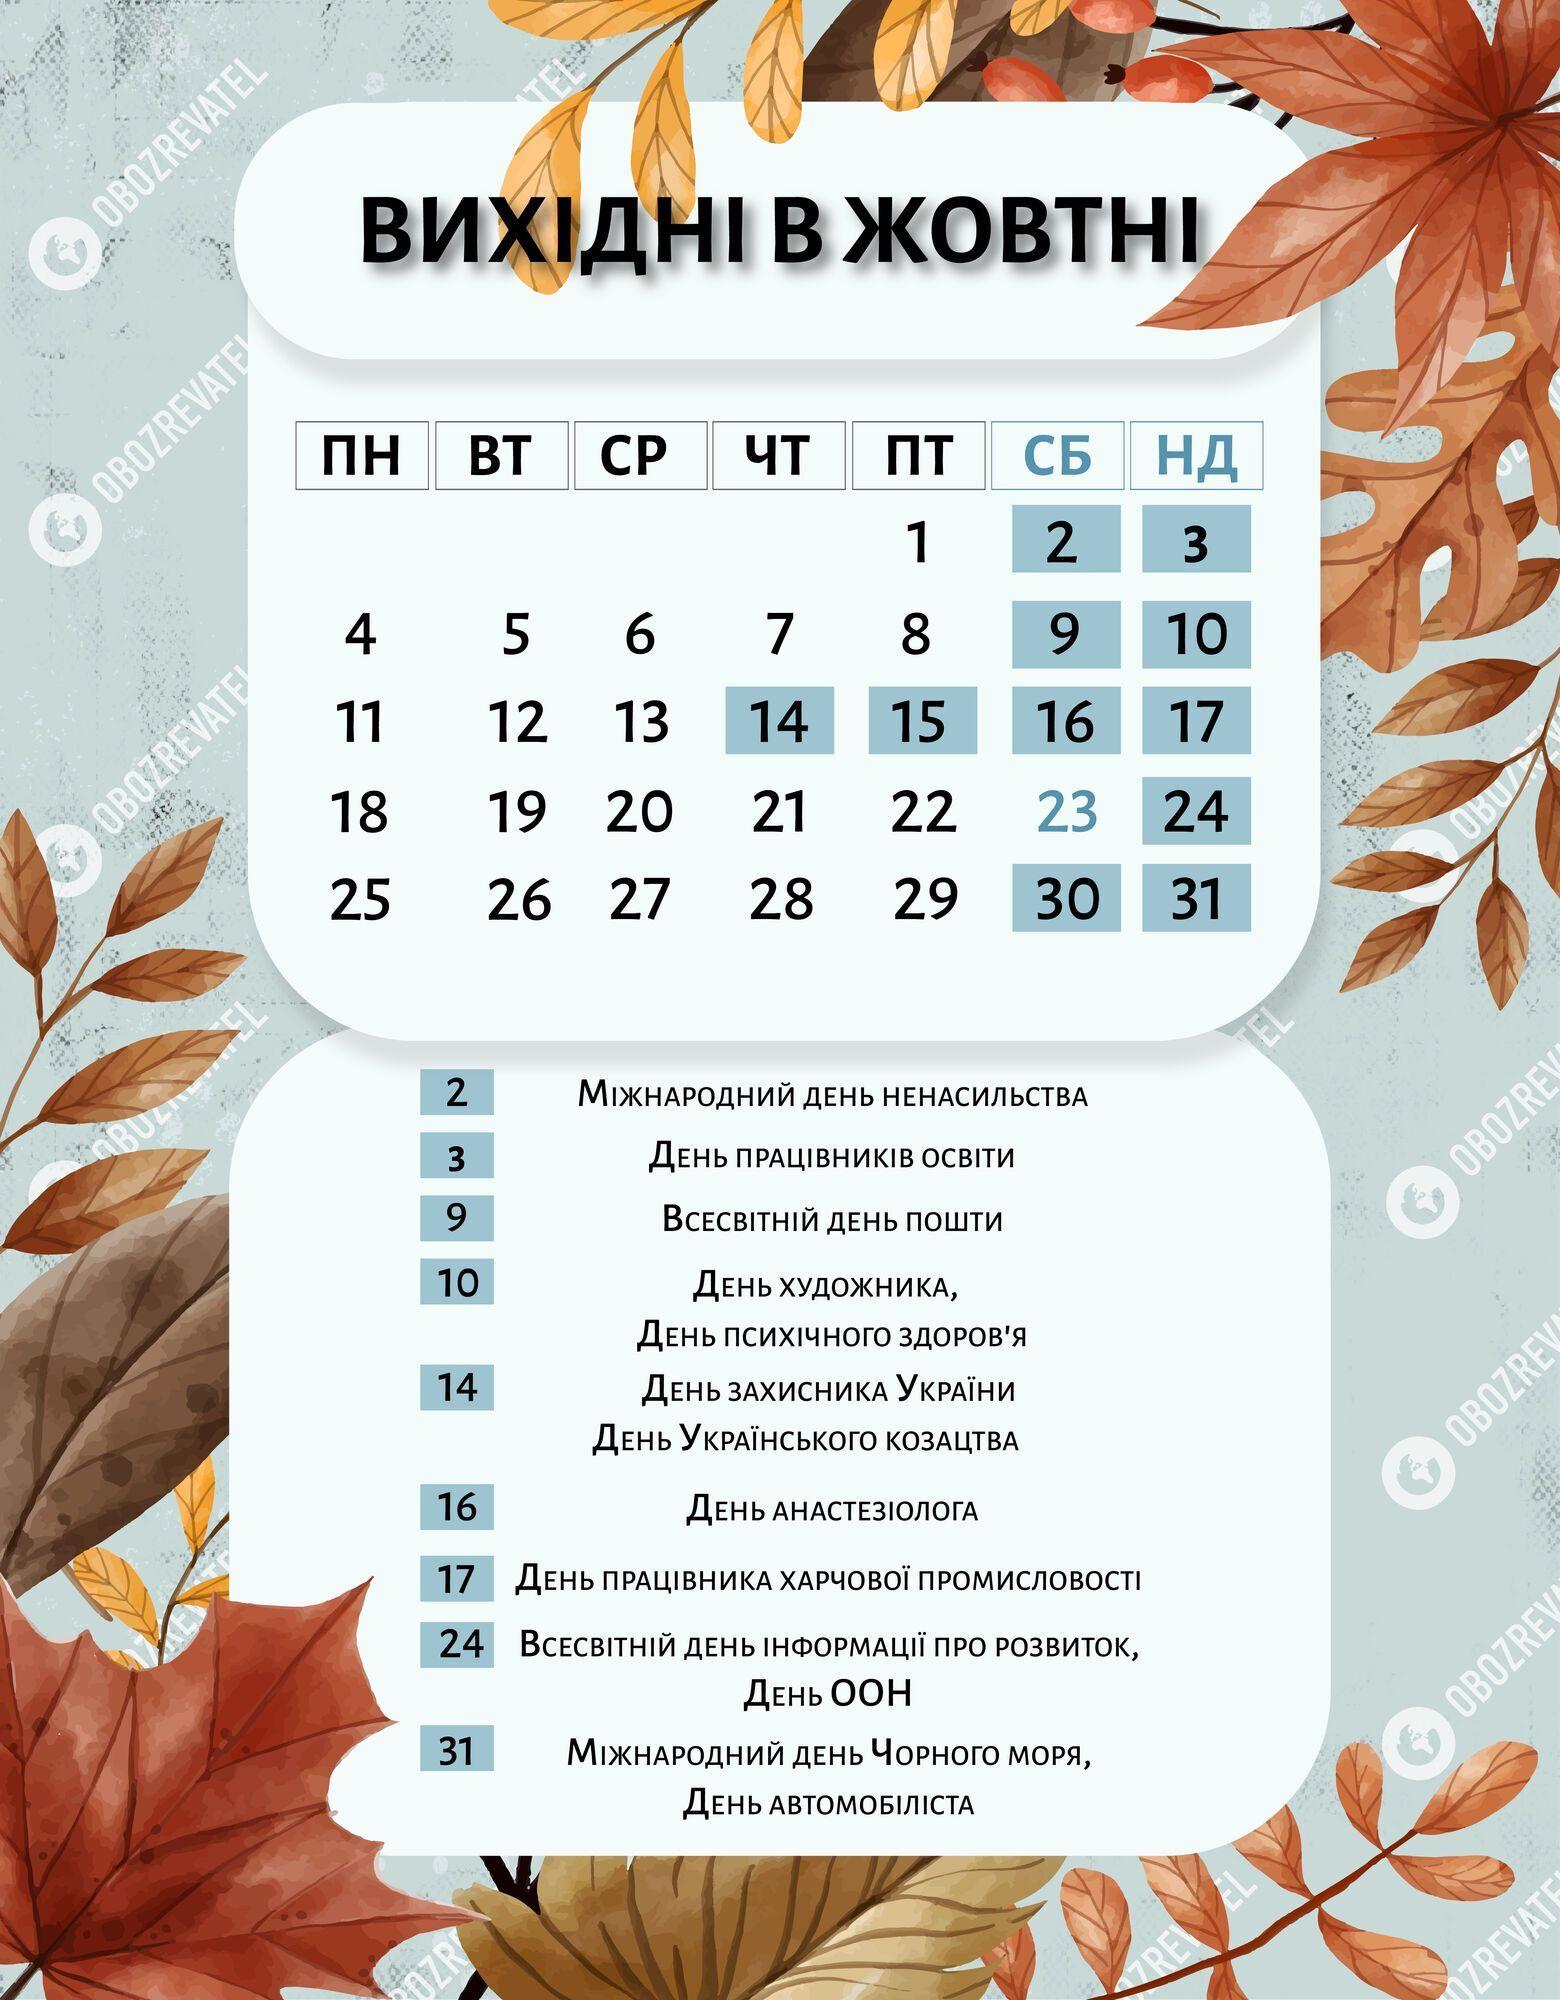 Вихідні в жовтні 2021 року в Україні